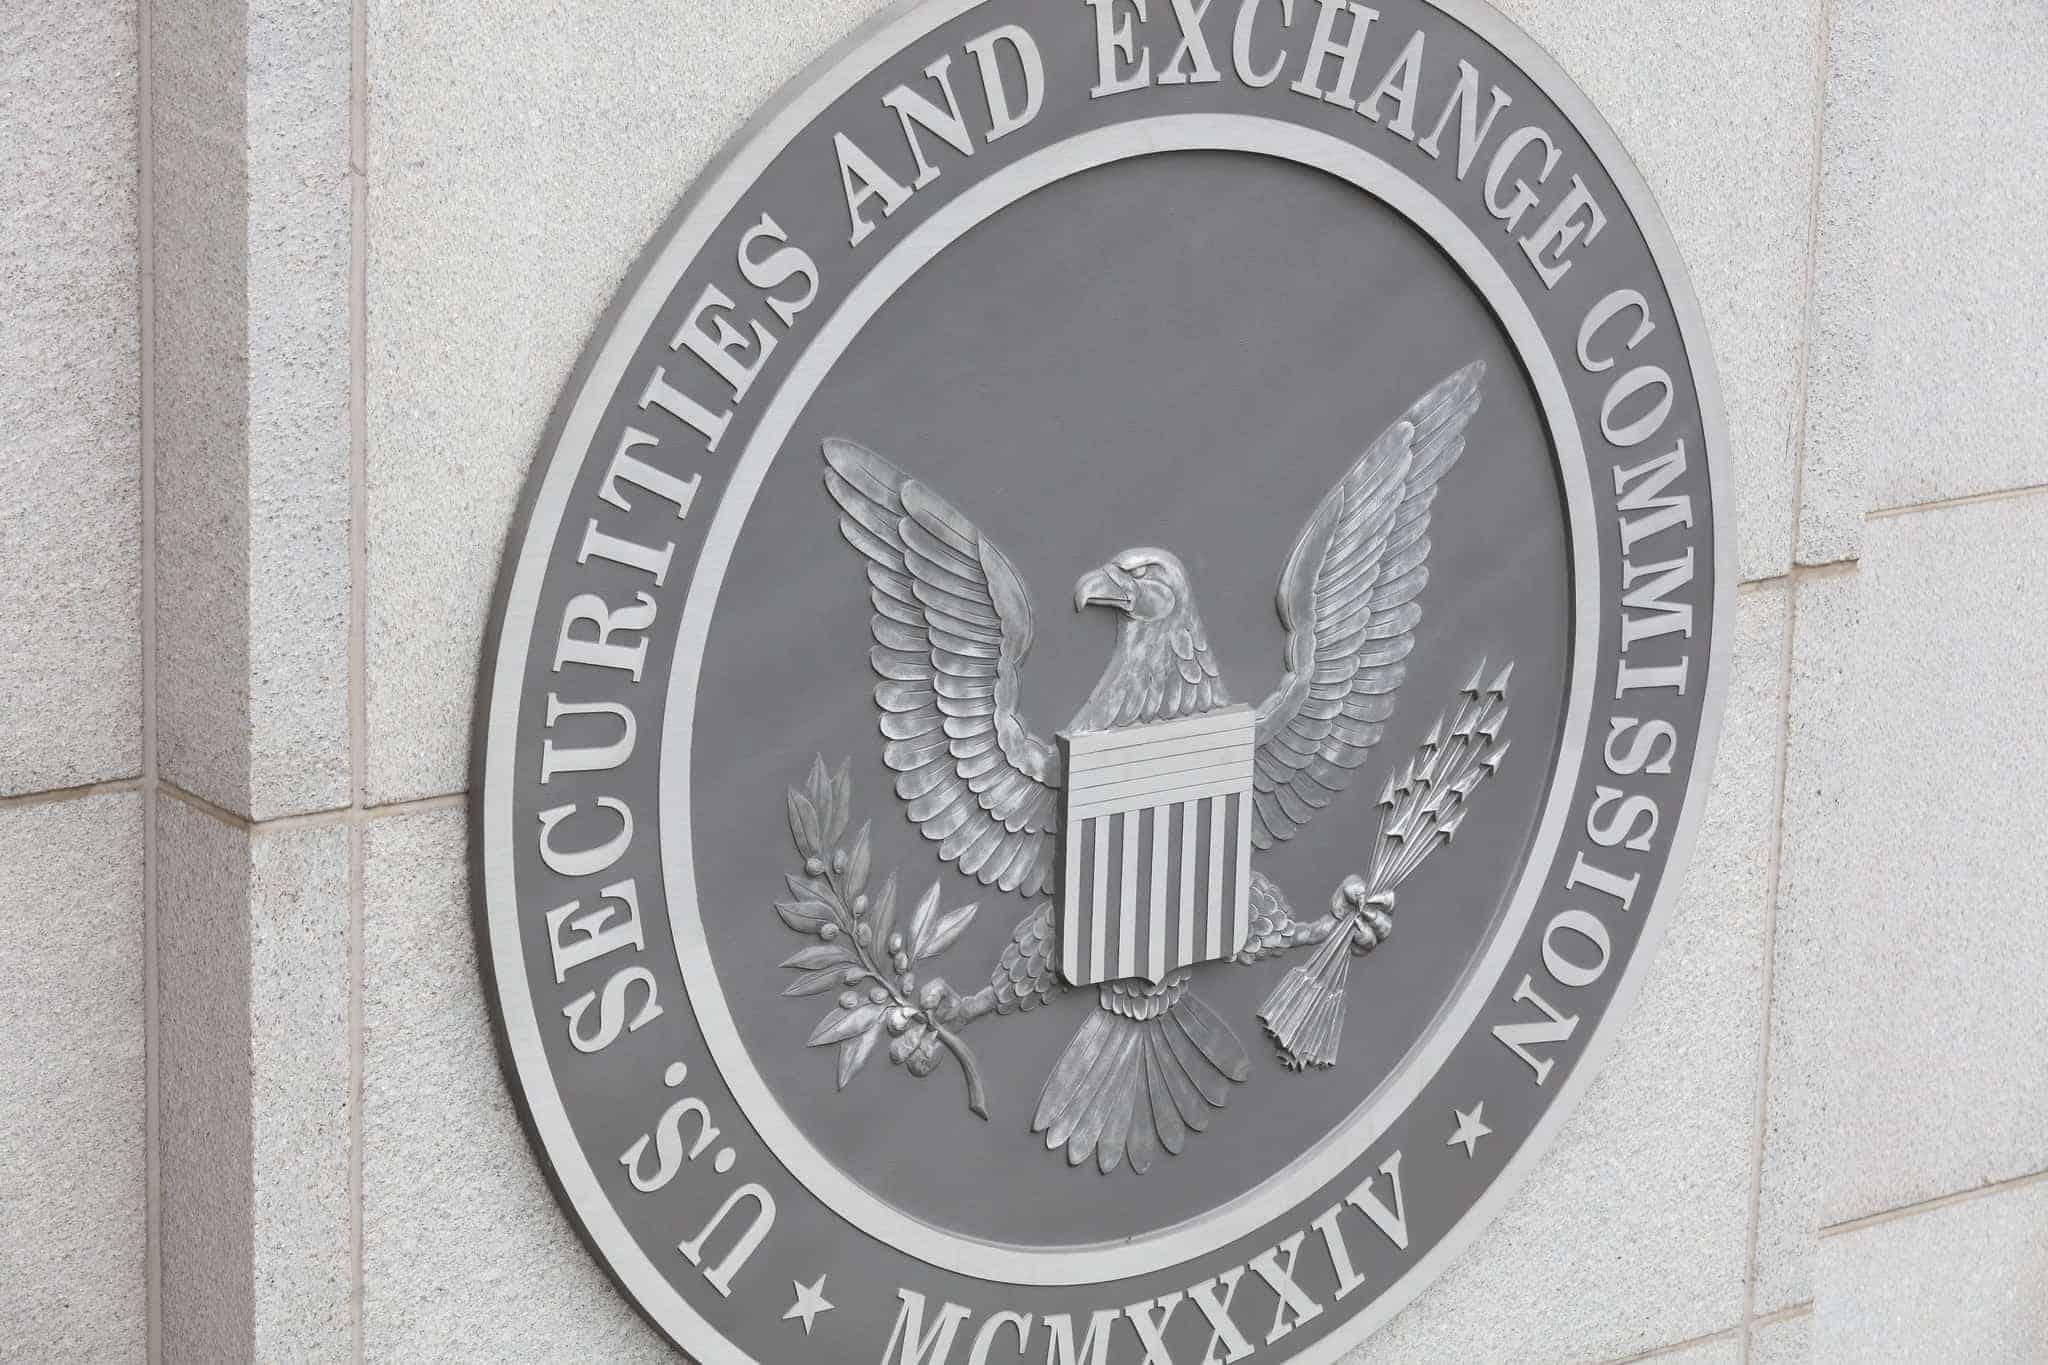 SEC Emblem SEC CC BY ND 2.0